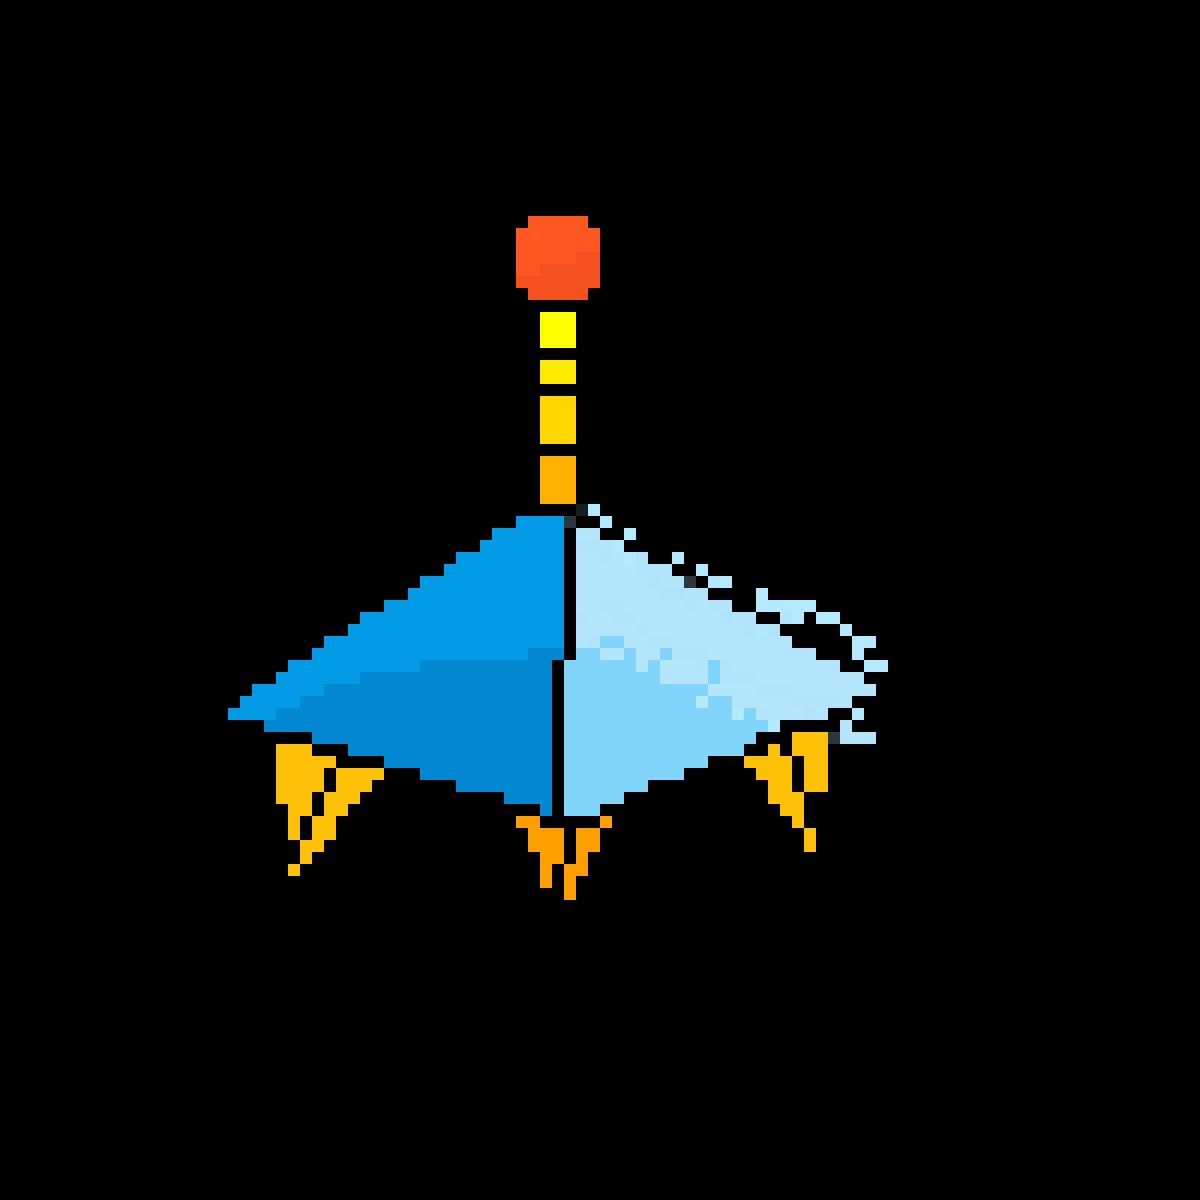 spaceship by HOMIE